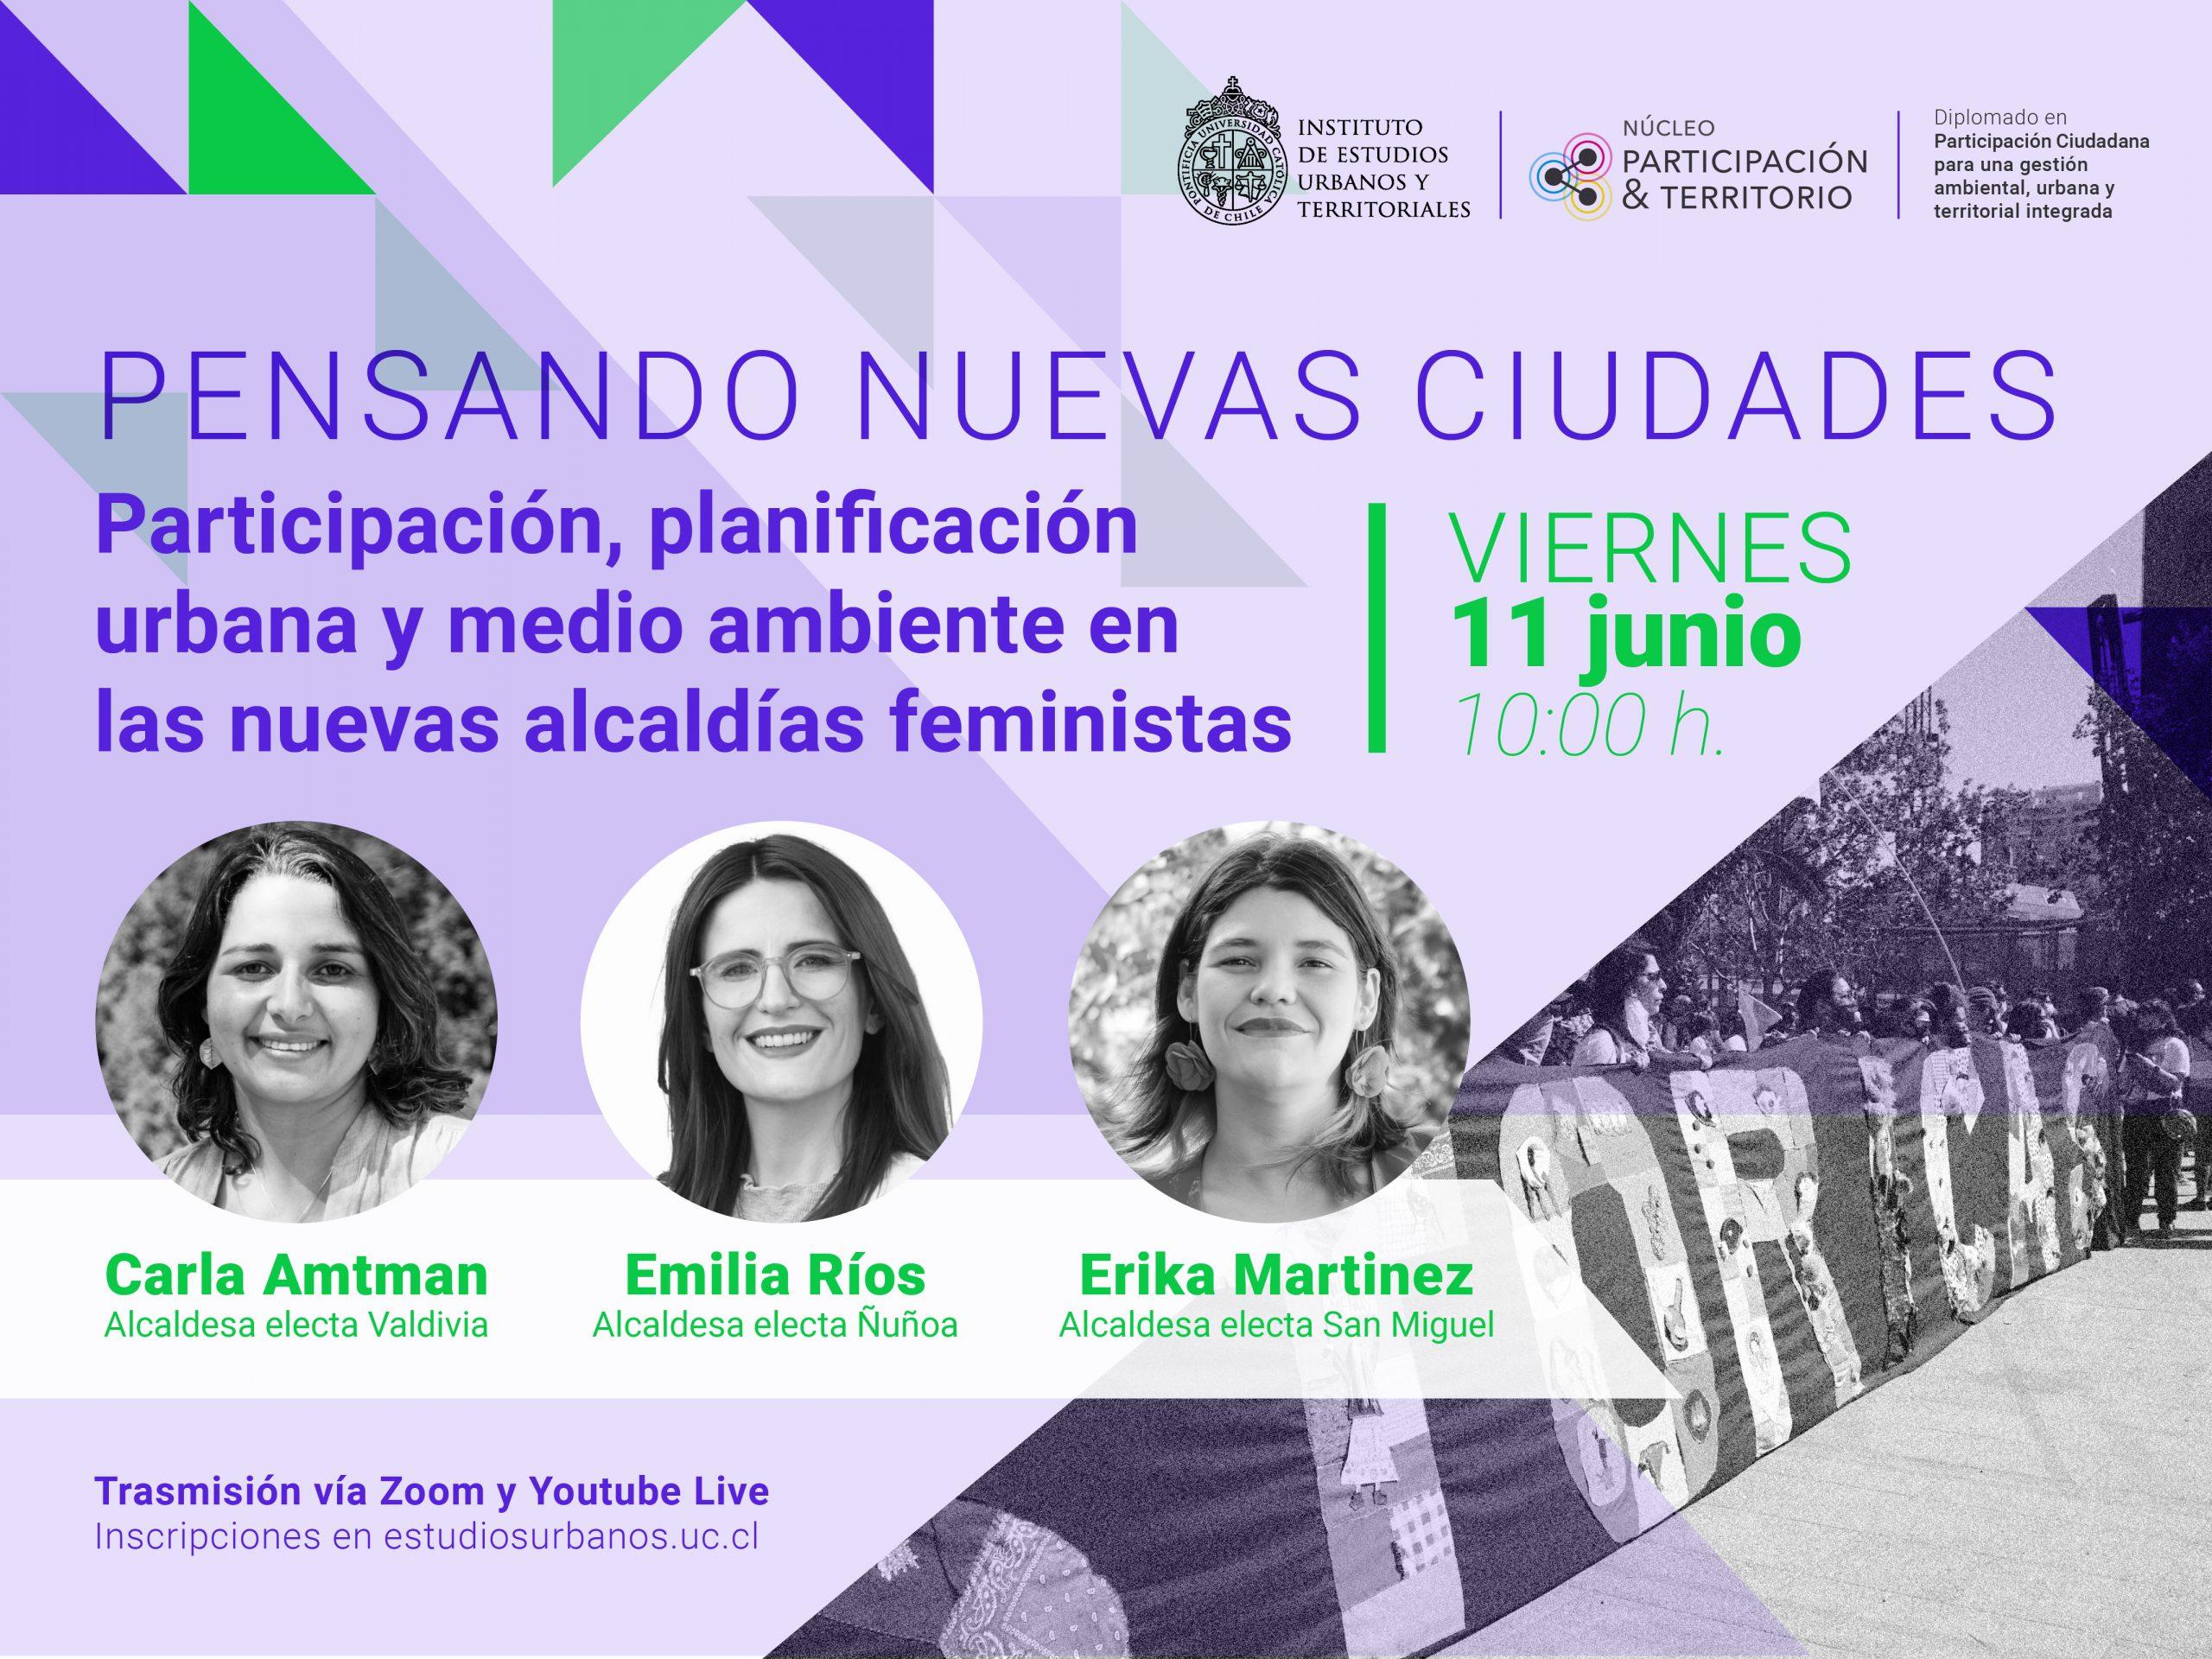 Pensando nuevas ciudades: Participación, planificación urbana y medio ambiente en las nuevas alcaldías feministas